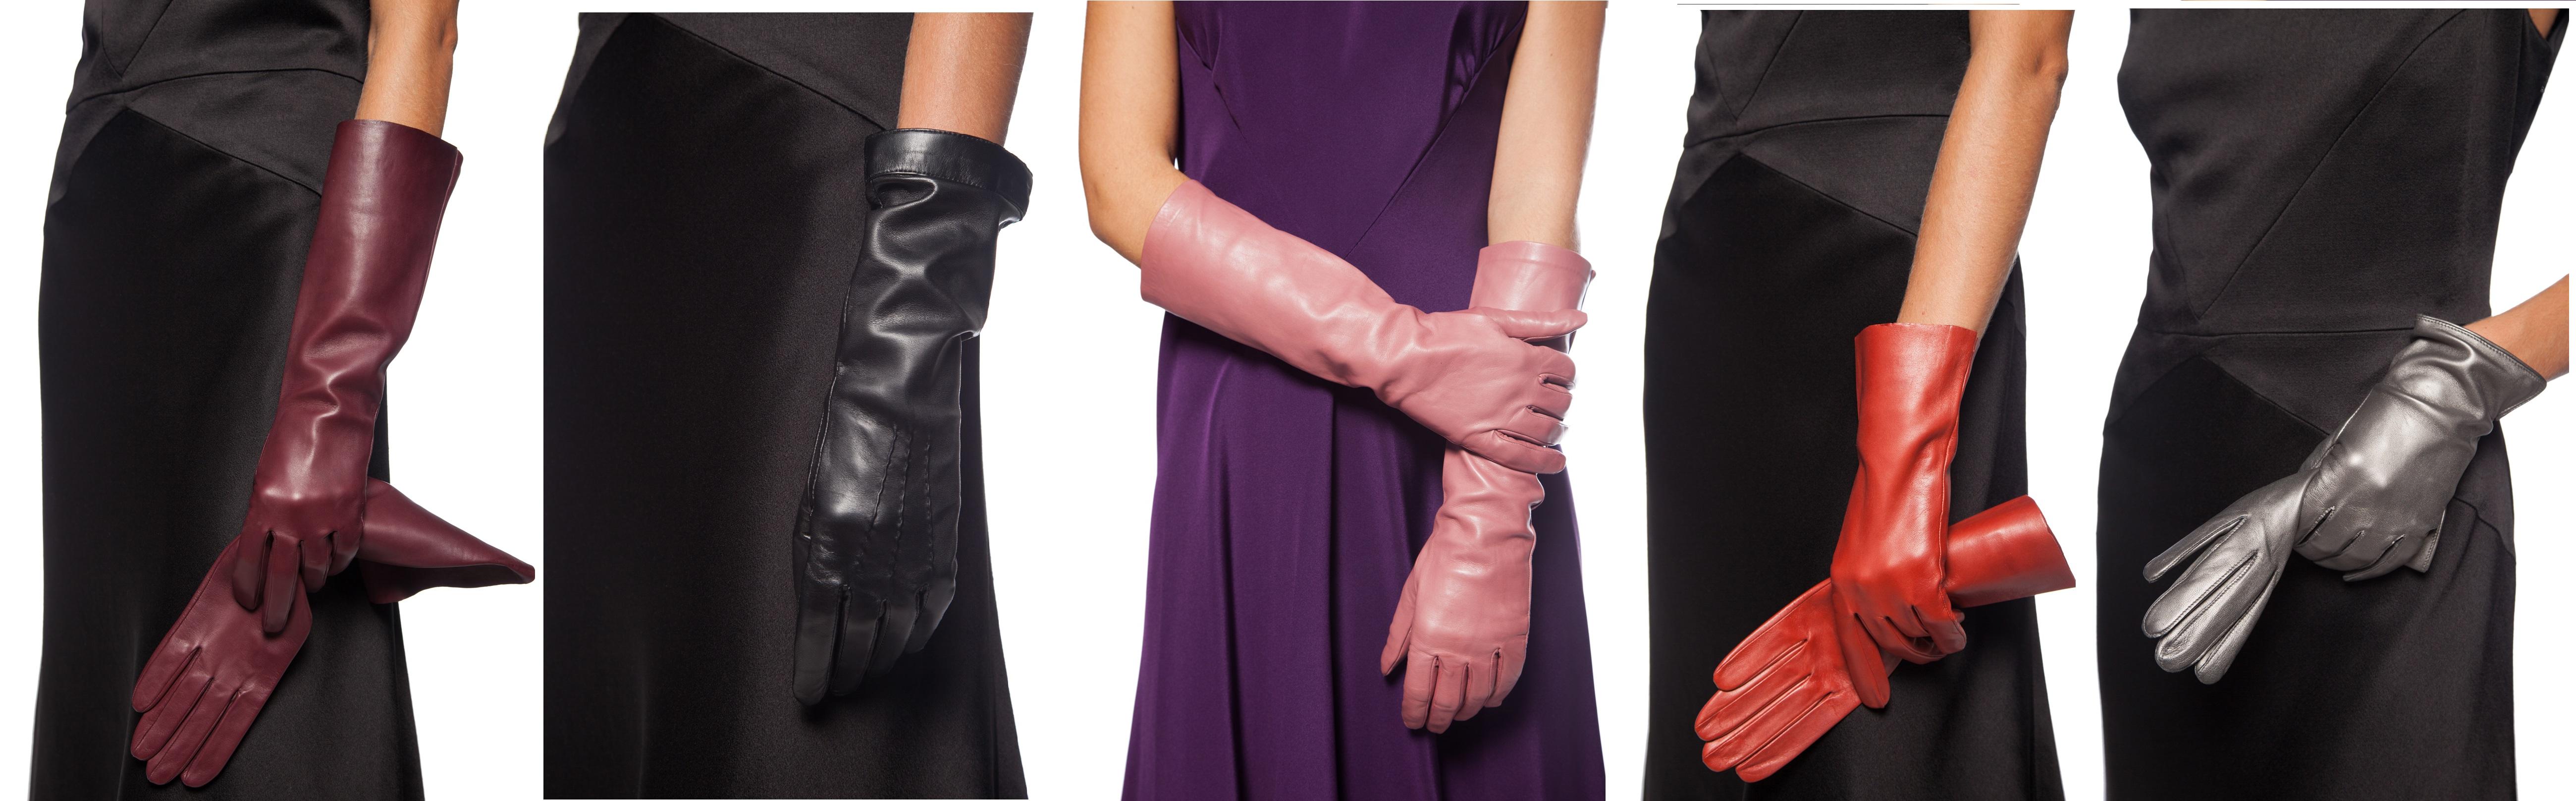 guantes piel de alquiler en lamasmona.com